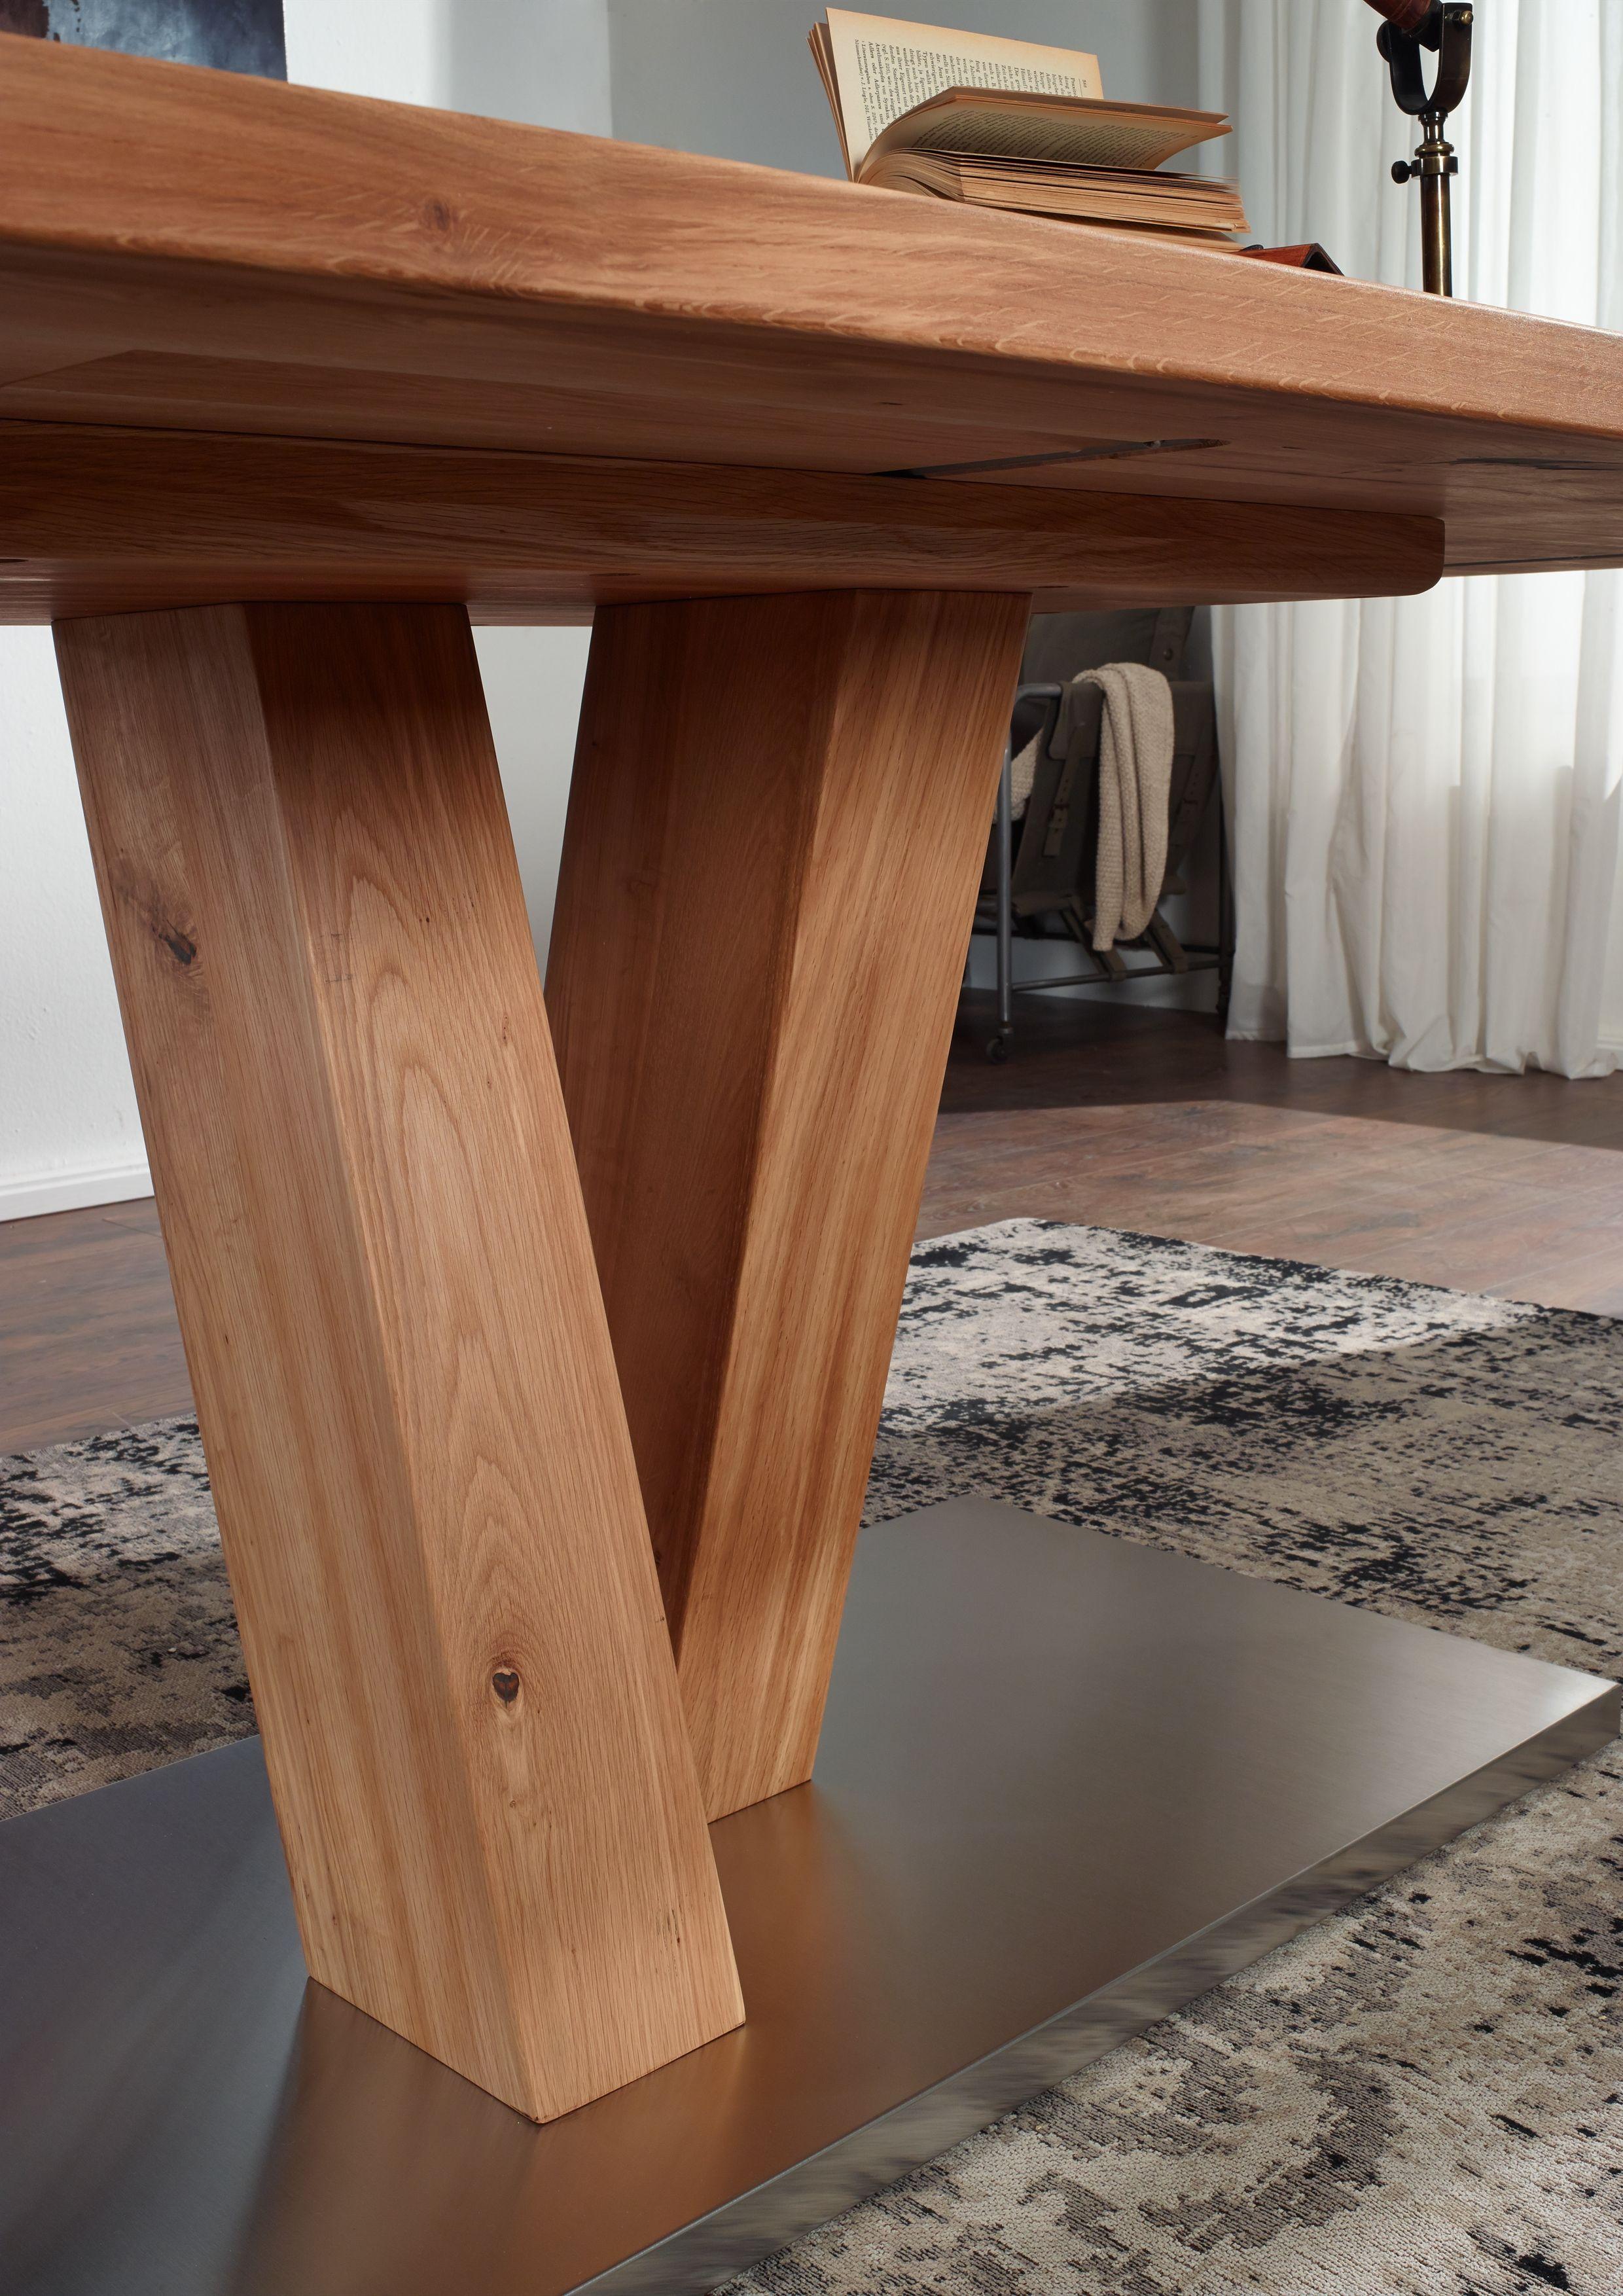 esstisch der serie bremen wildeichenholz in kombination mit edelstahl sorgt f r einen modernen. Black Bedroom Furniture Sets. Home Design Ideas